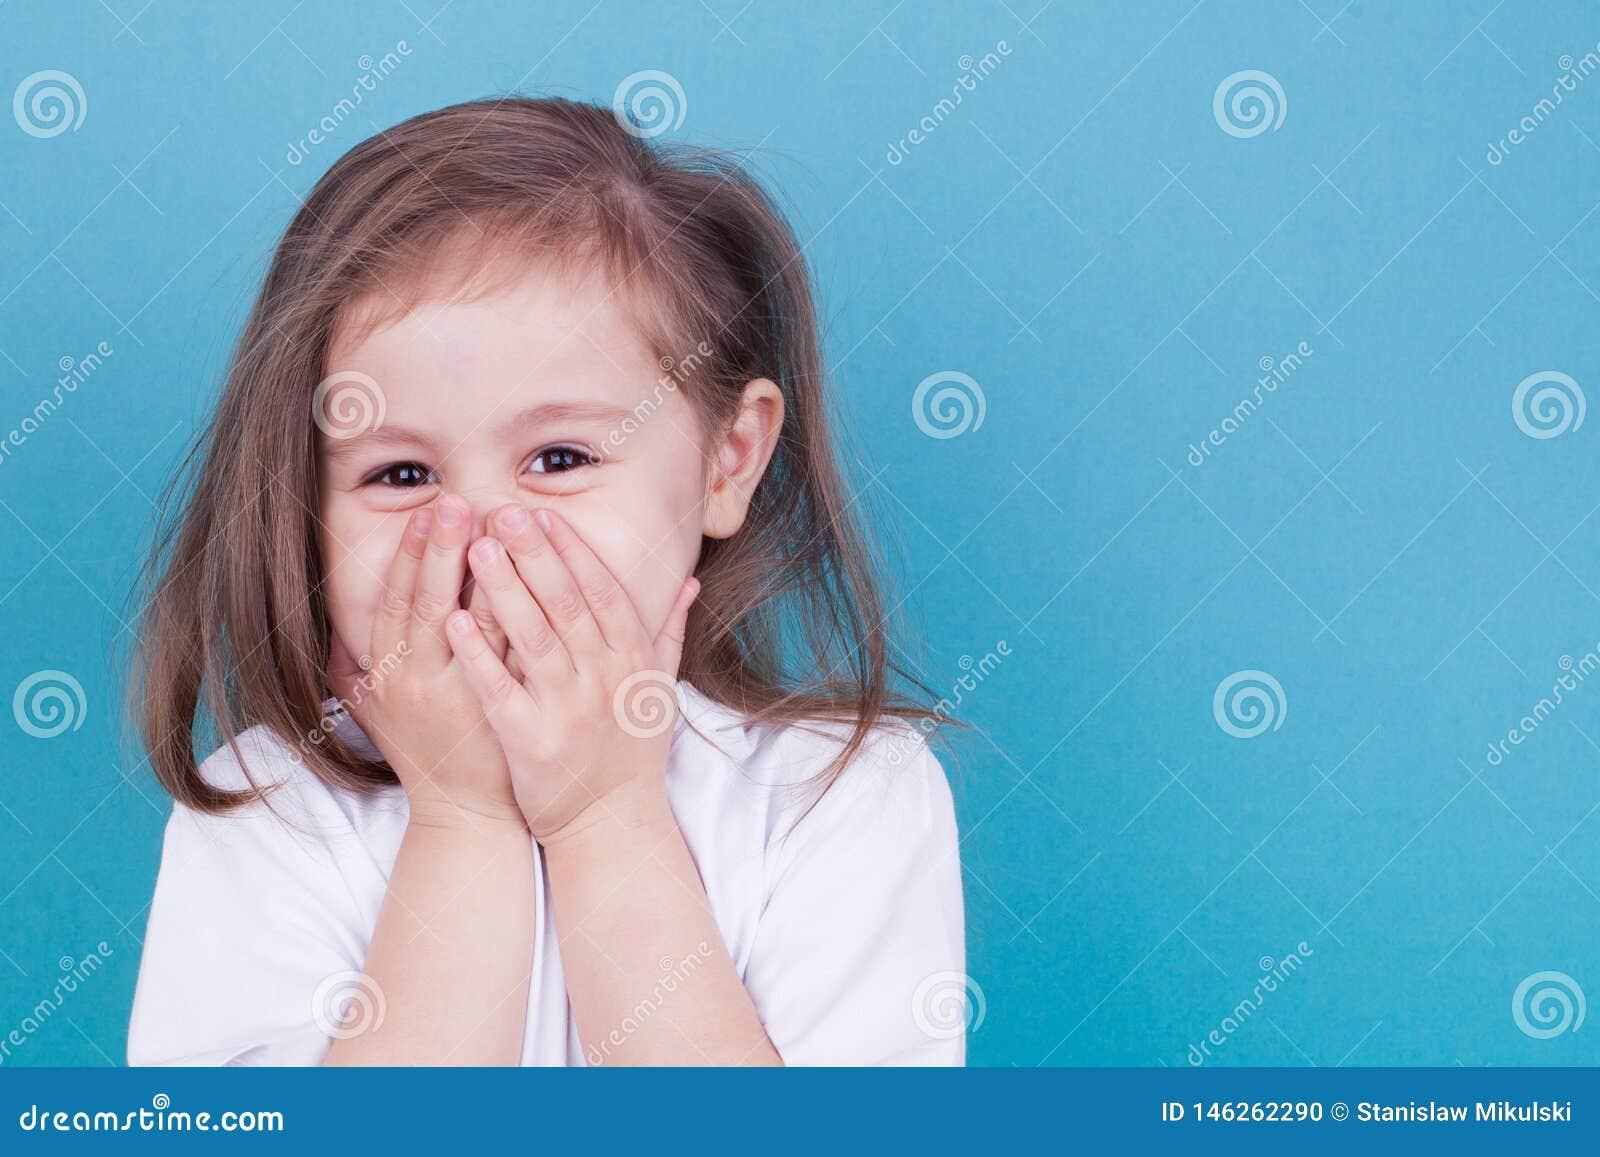 Rires de petite fille couvrant son visage de ses mains